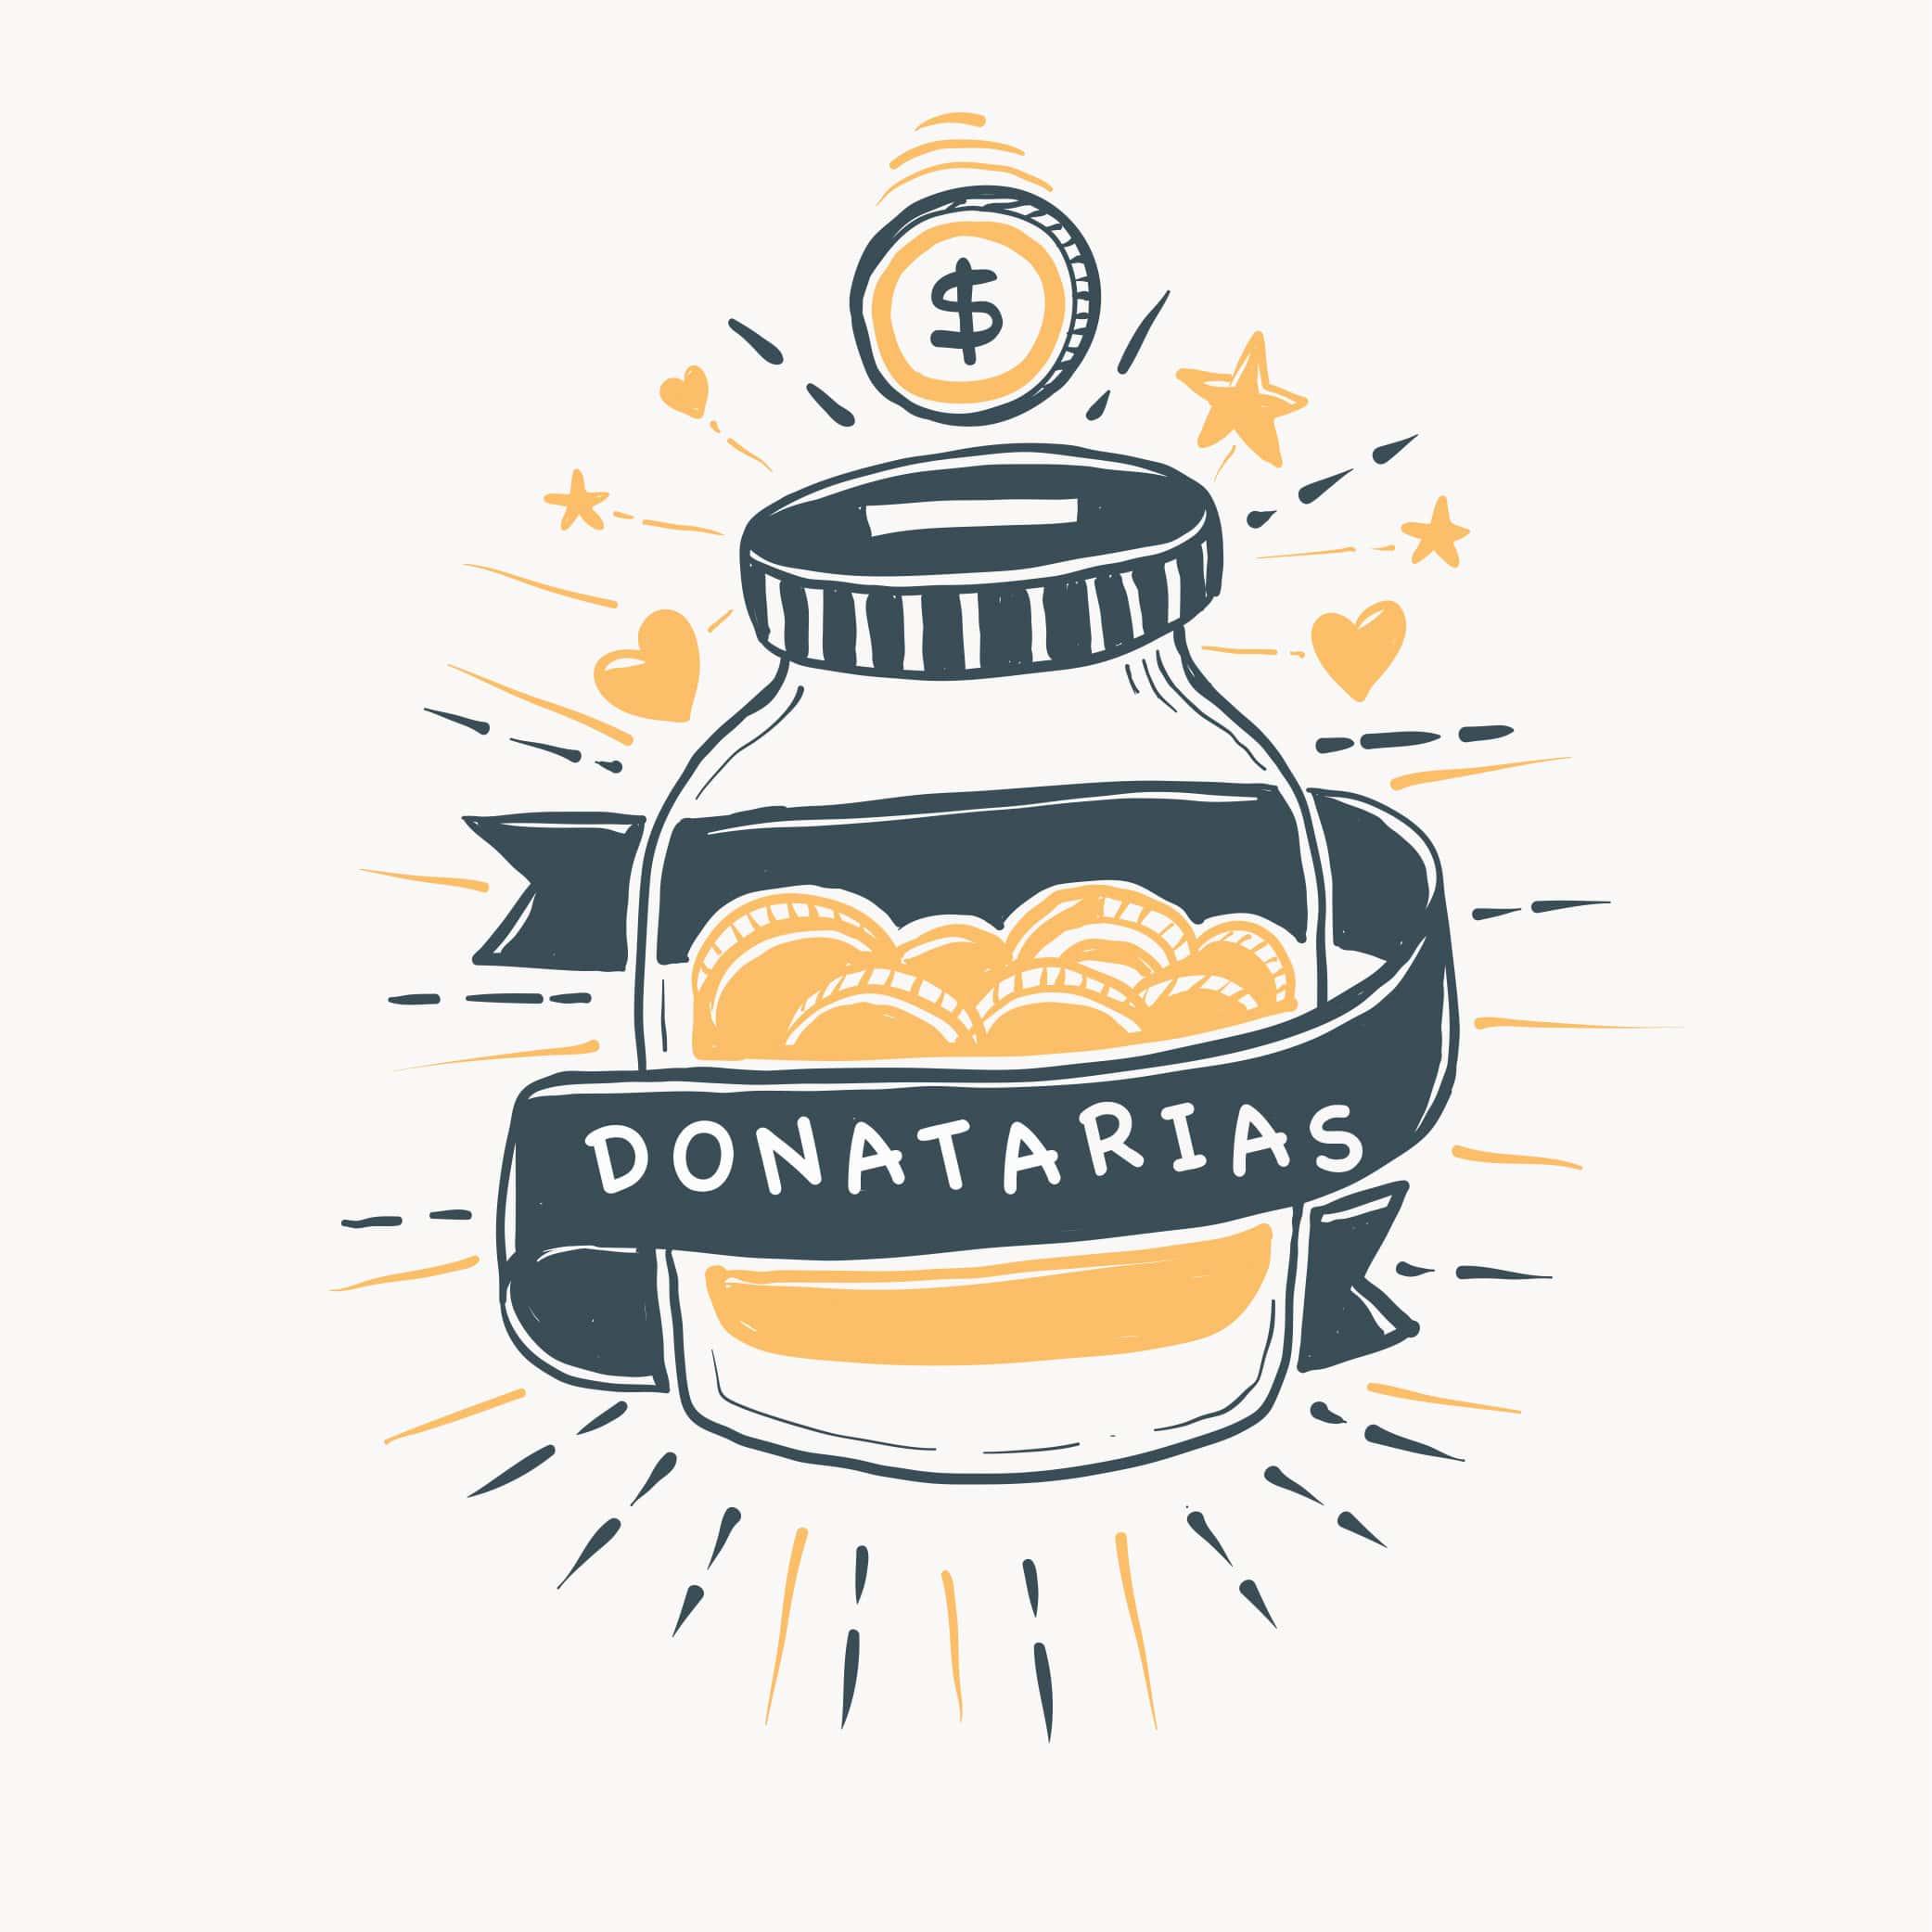 Se publican autorizaciones y revocaciones para donatarias